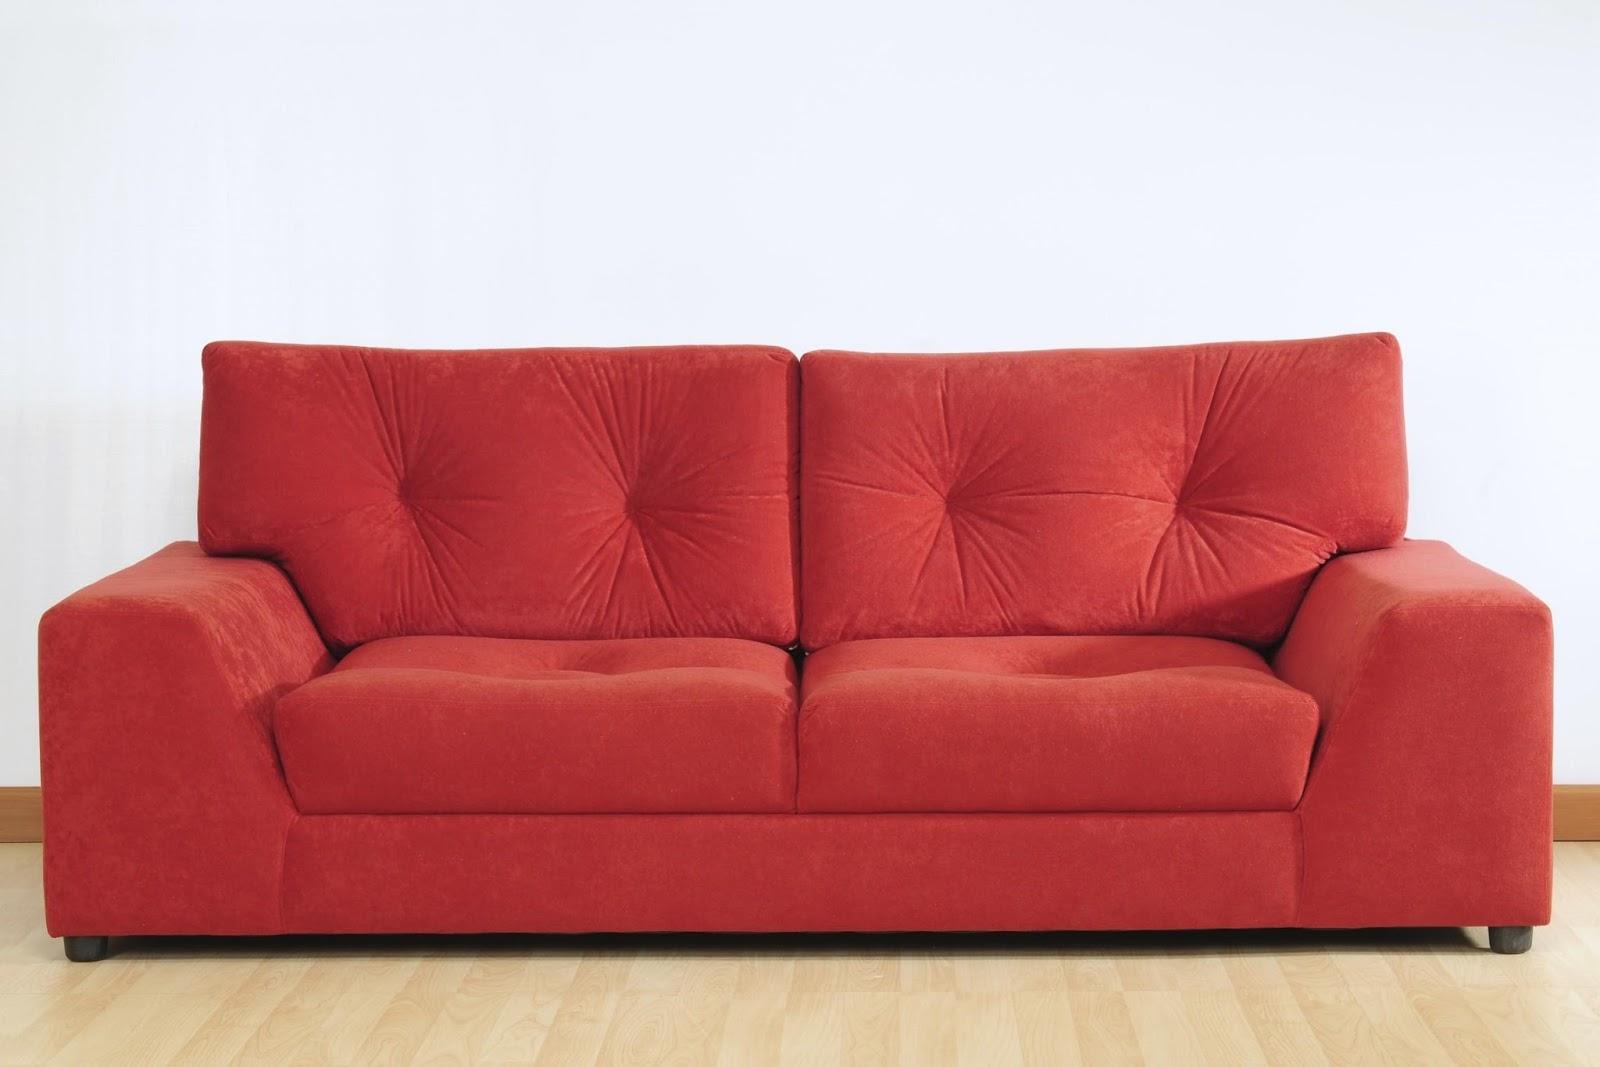 Traslochi e trasporti scatole da spedire - Come coprire un divano rovinato ...